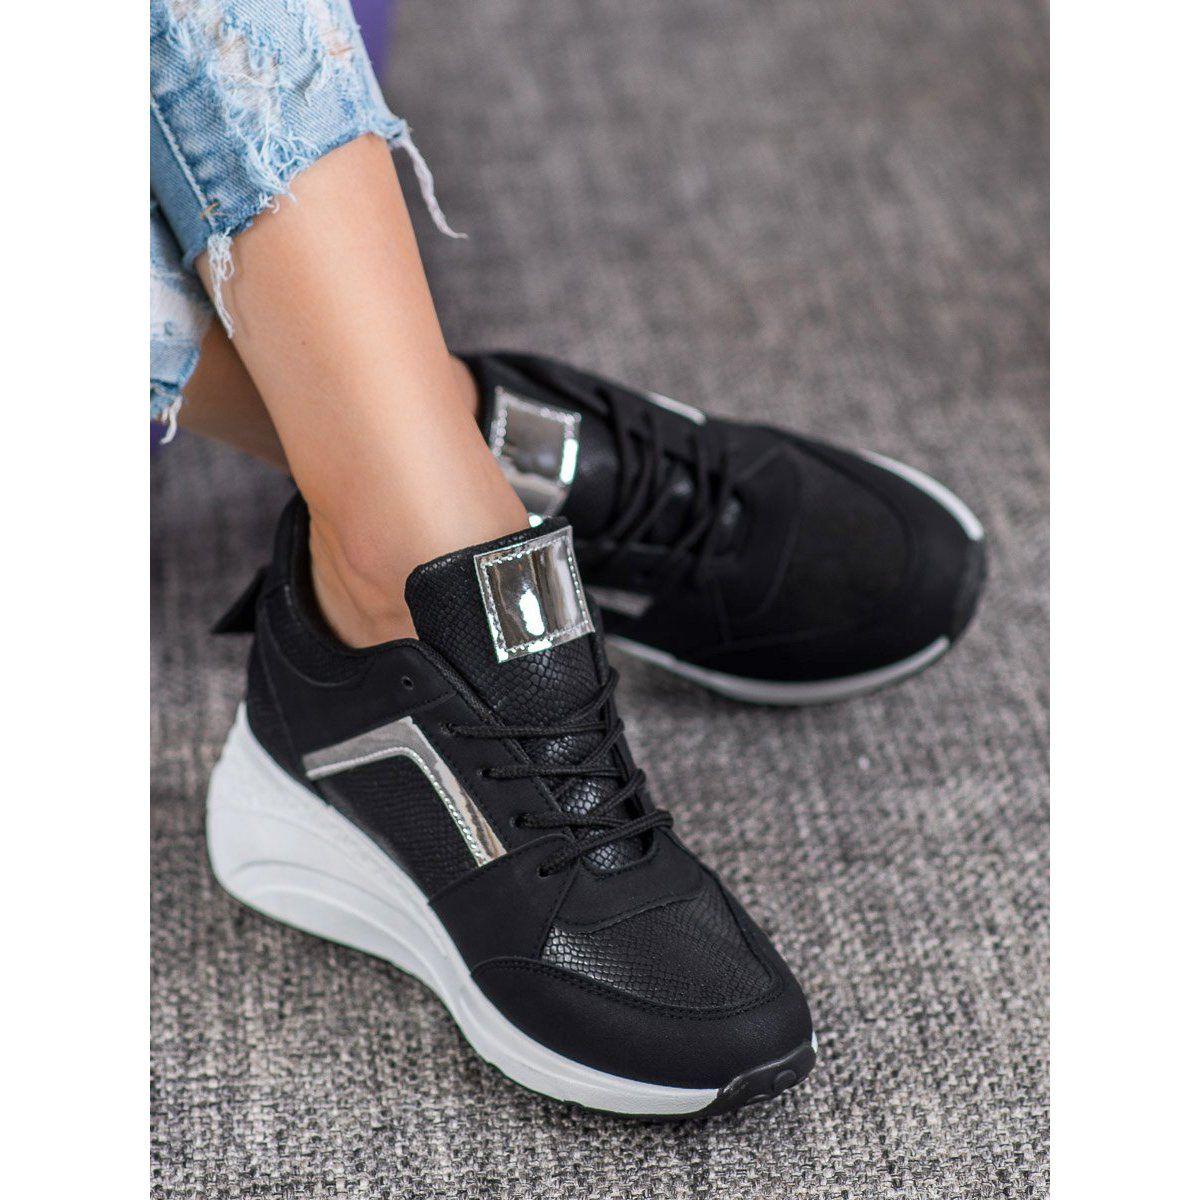 Shelovet Sneakersy Na Koturnie Czarne Wedge Sneaker Shoes Sneakers